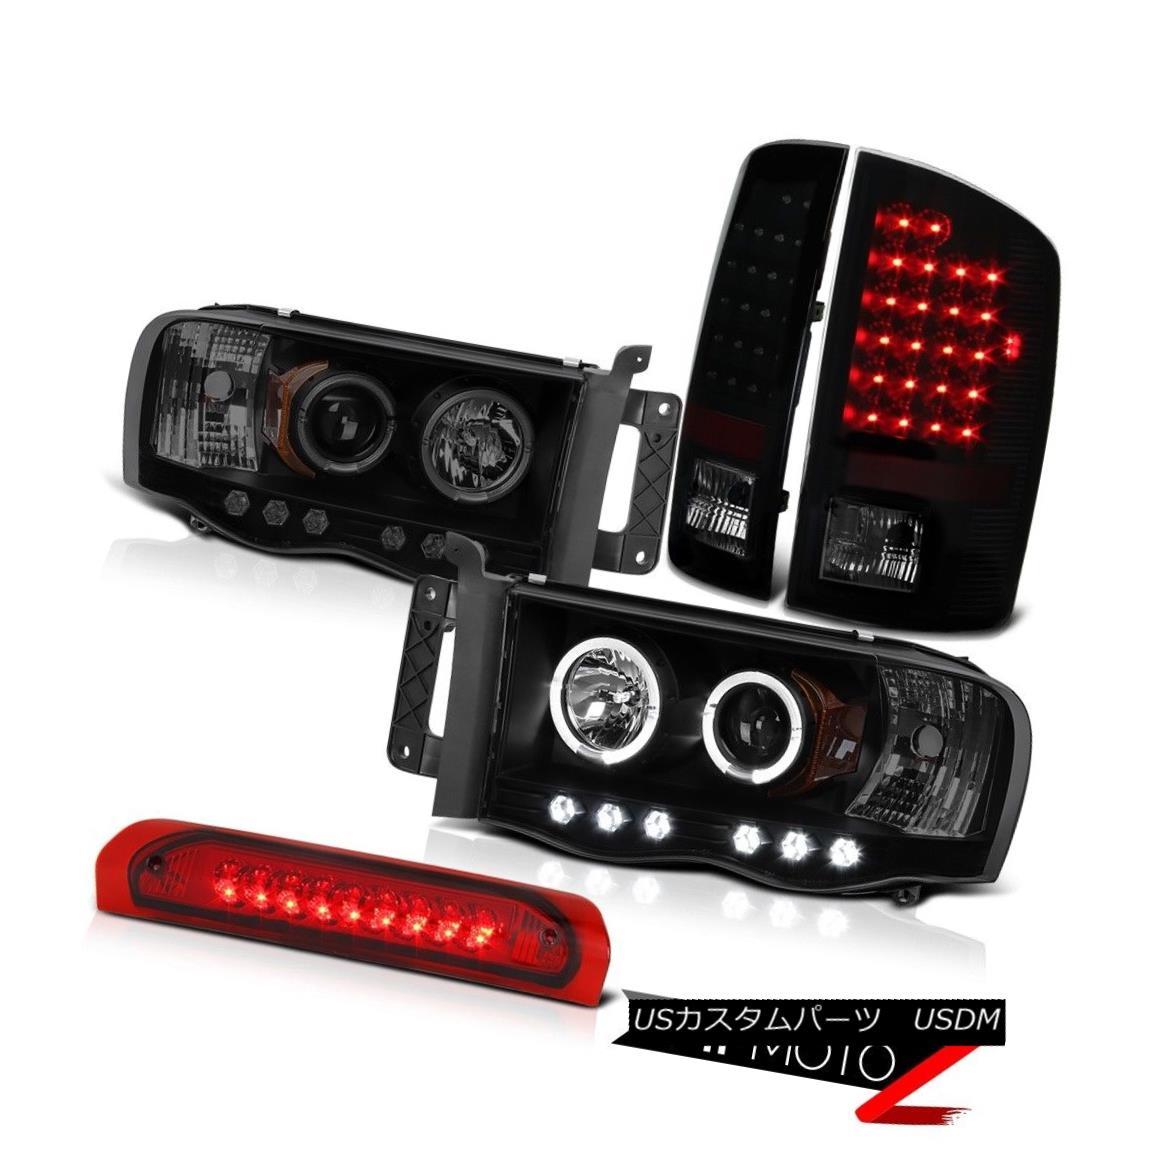 ヘッドライト 02-05 Ram PowerTech 4.7L WS LED Daytime Headlight Philip SuperFlux Taillight 3rd 02-05 Ram PowerTech 4.7L WS LEDデイタイムヘッドライトPhilip SuperFlux Taillight 3rd